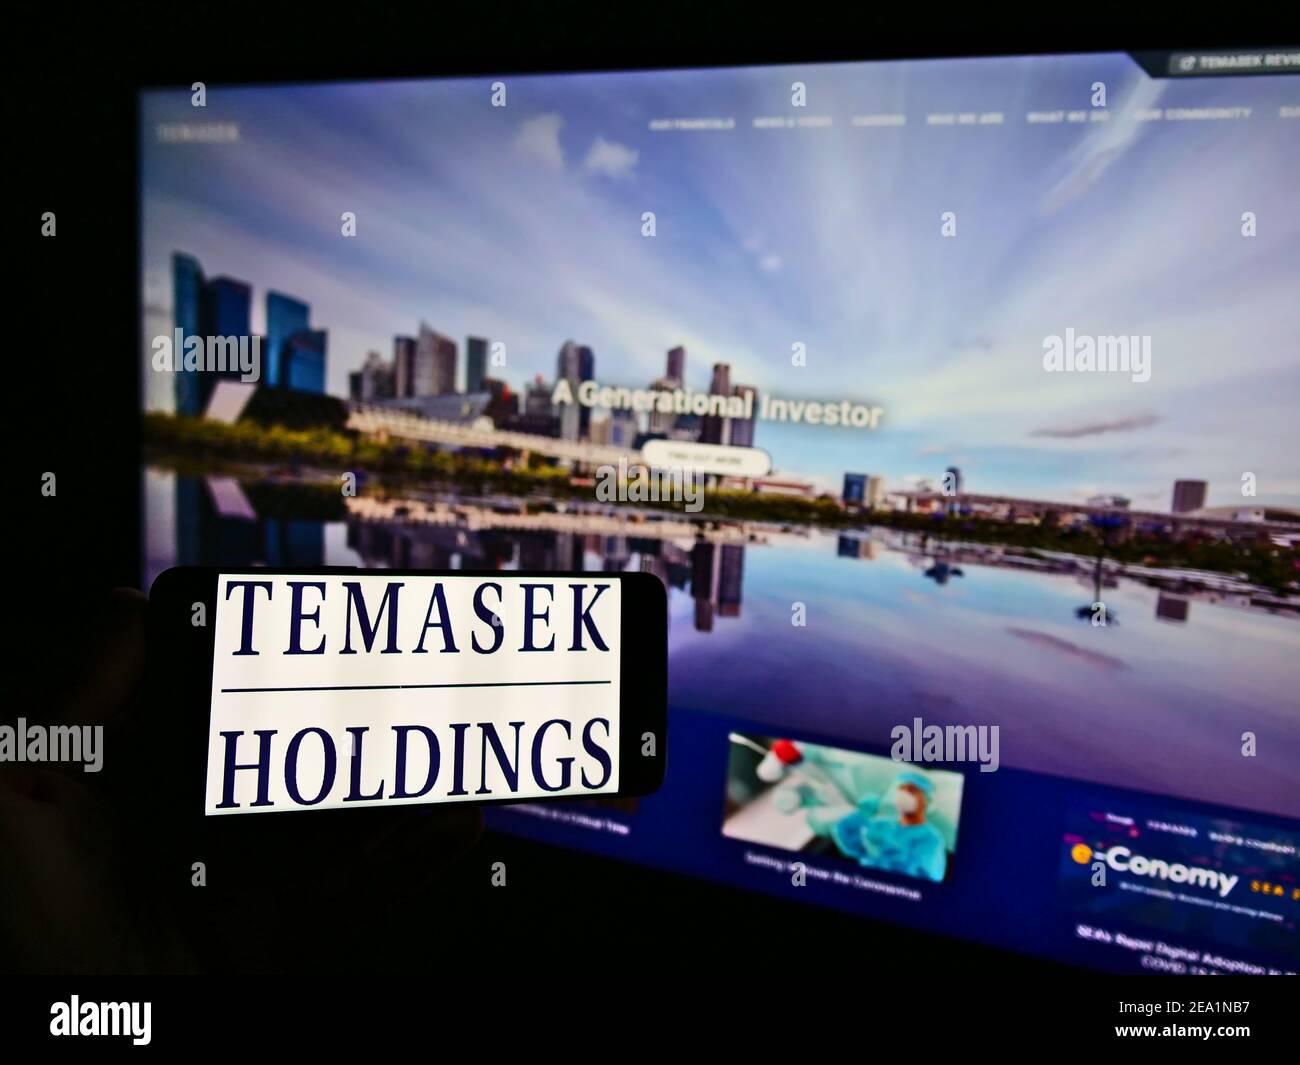 Personne tenant un smartphone avec le logo de la société d'investissement Singapourienne Temasek Holdings sur l'écran devant le site Web. Mise au point sur l'affichage du téléphone. Banque D'Images